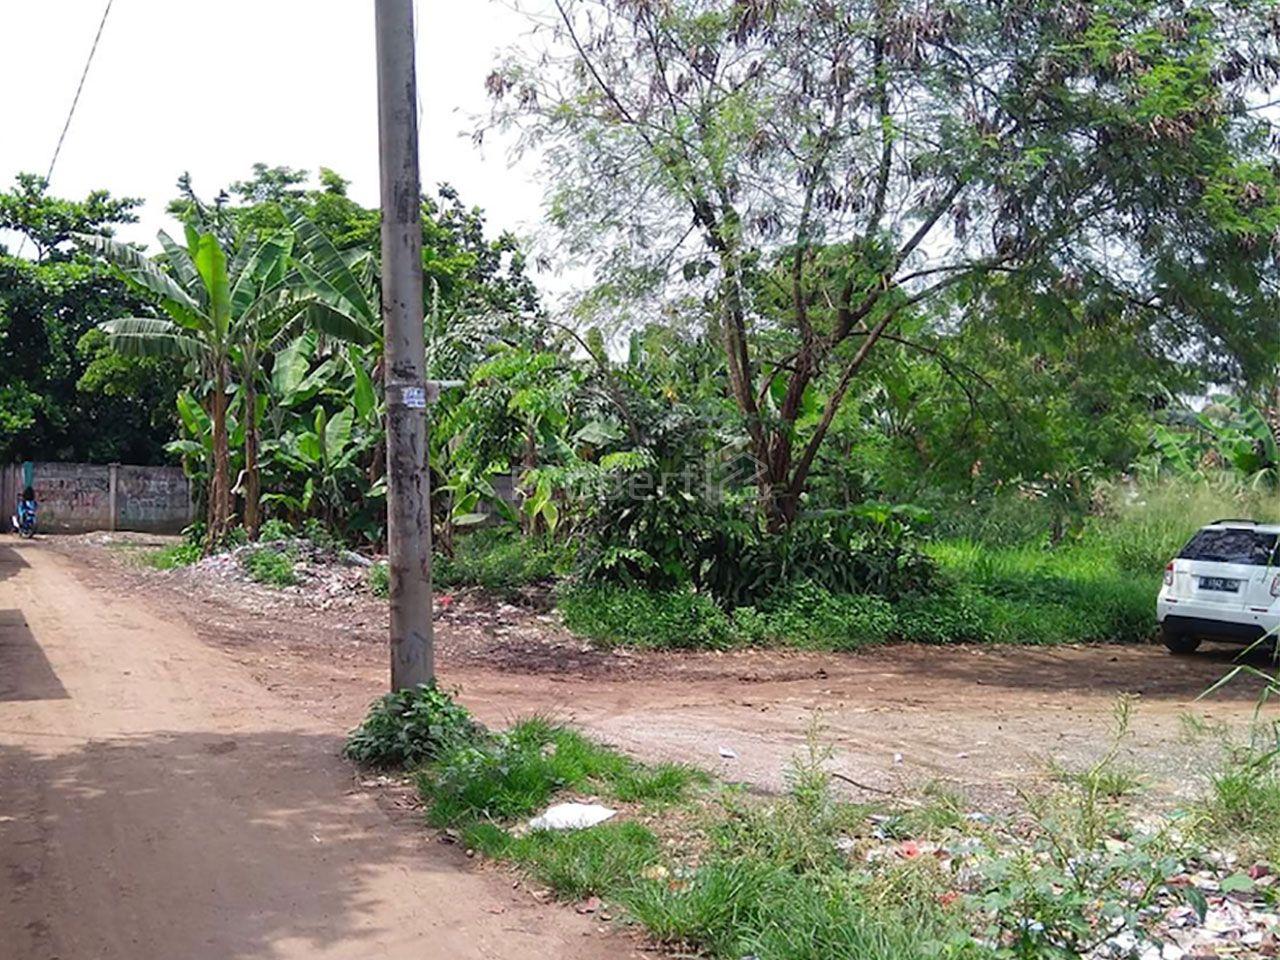 Land for Housing in Parung, Bogor, Jawa Barat